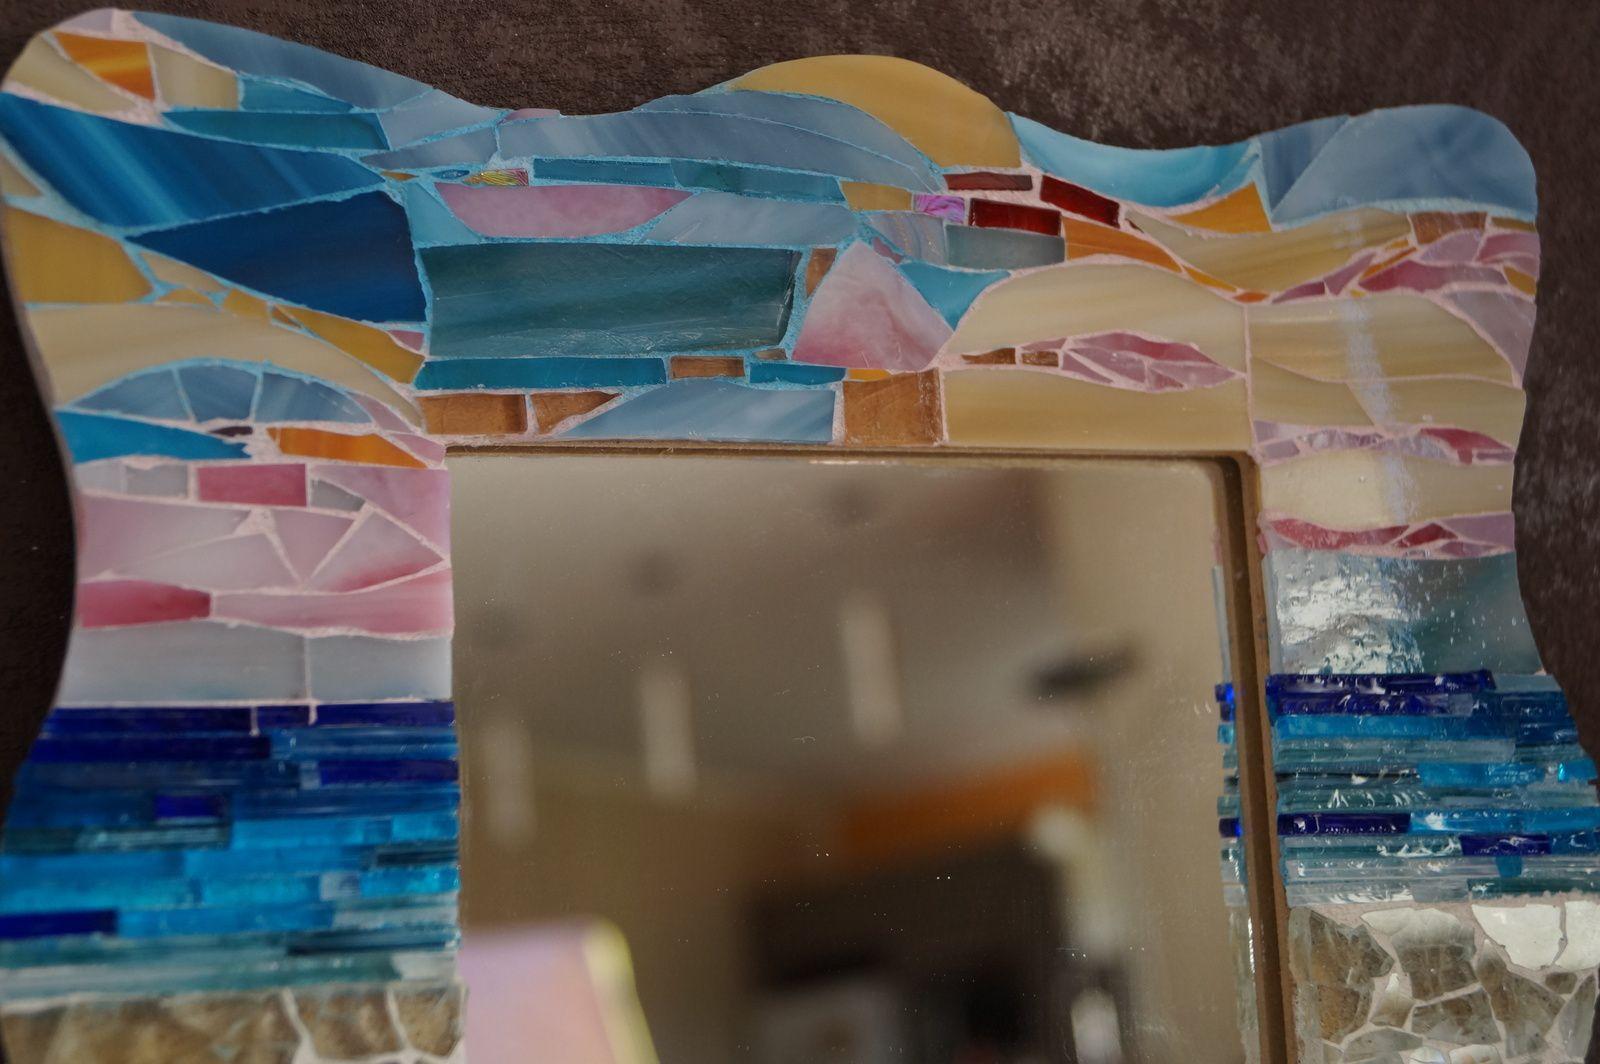 Miroir en mosaïque de verre et sable, plage, mer, océan, coucher de soleil, vague